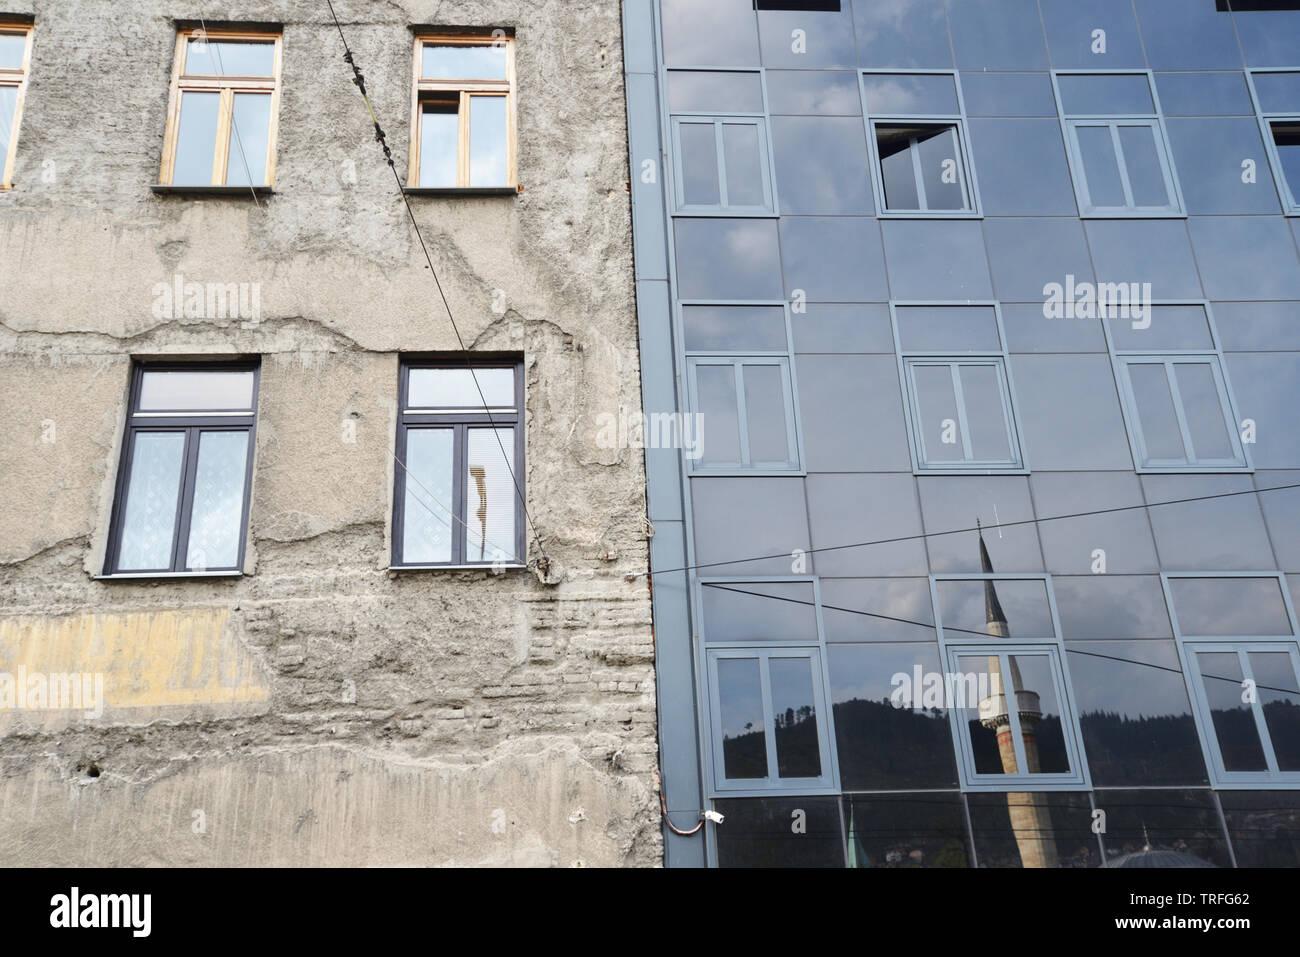 Streets of Sarajevo - Stock Image